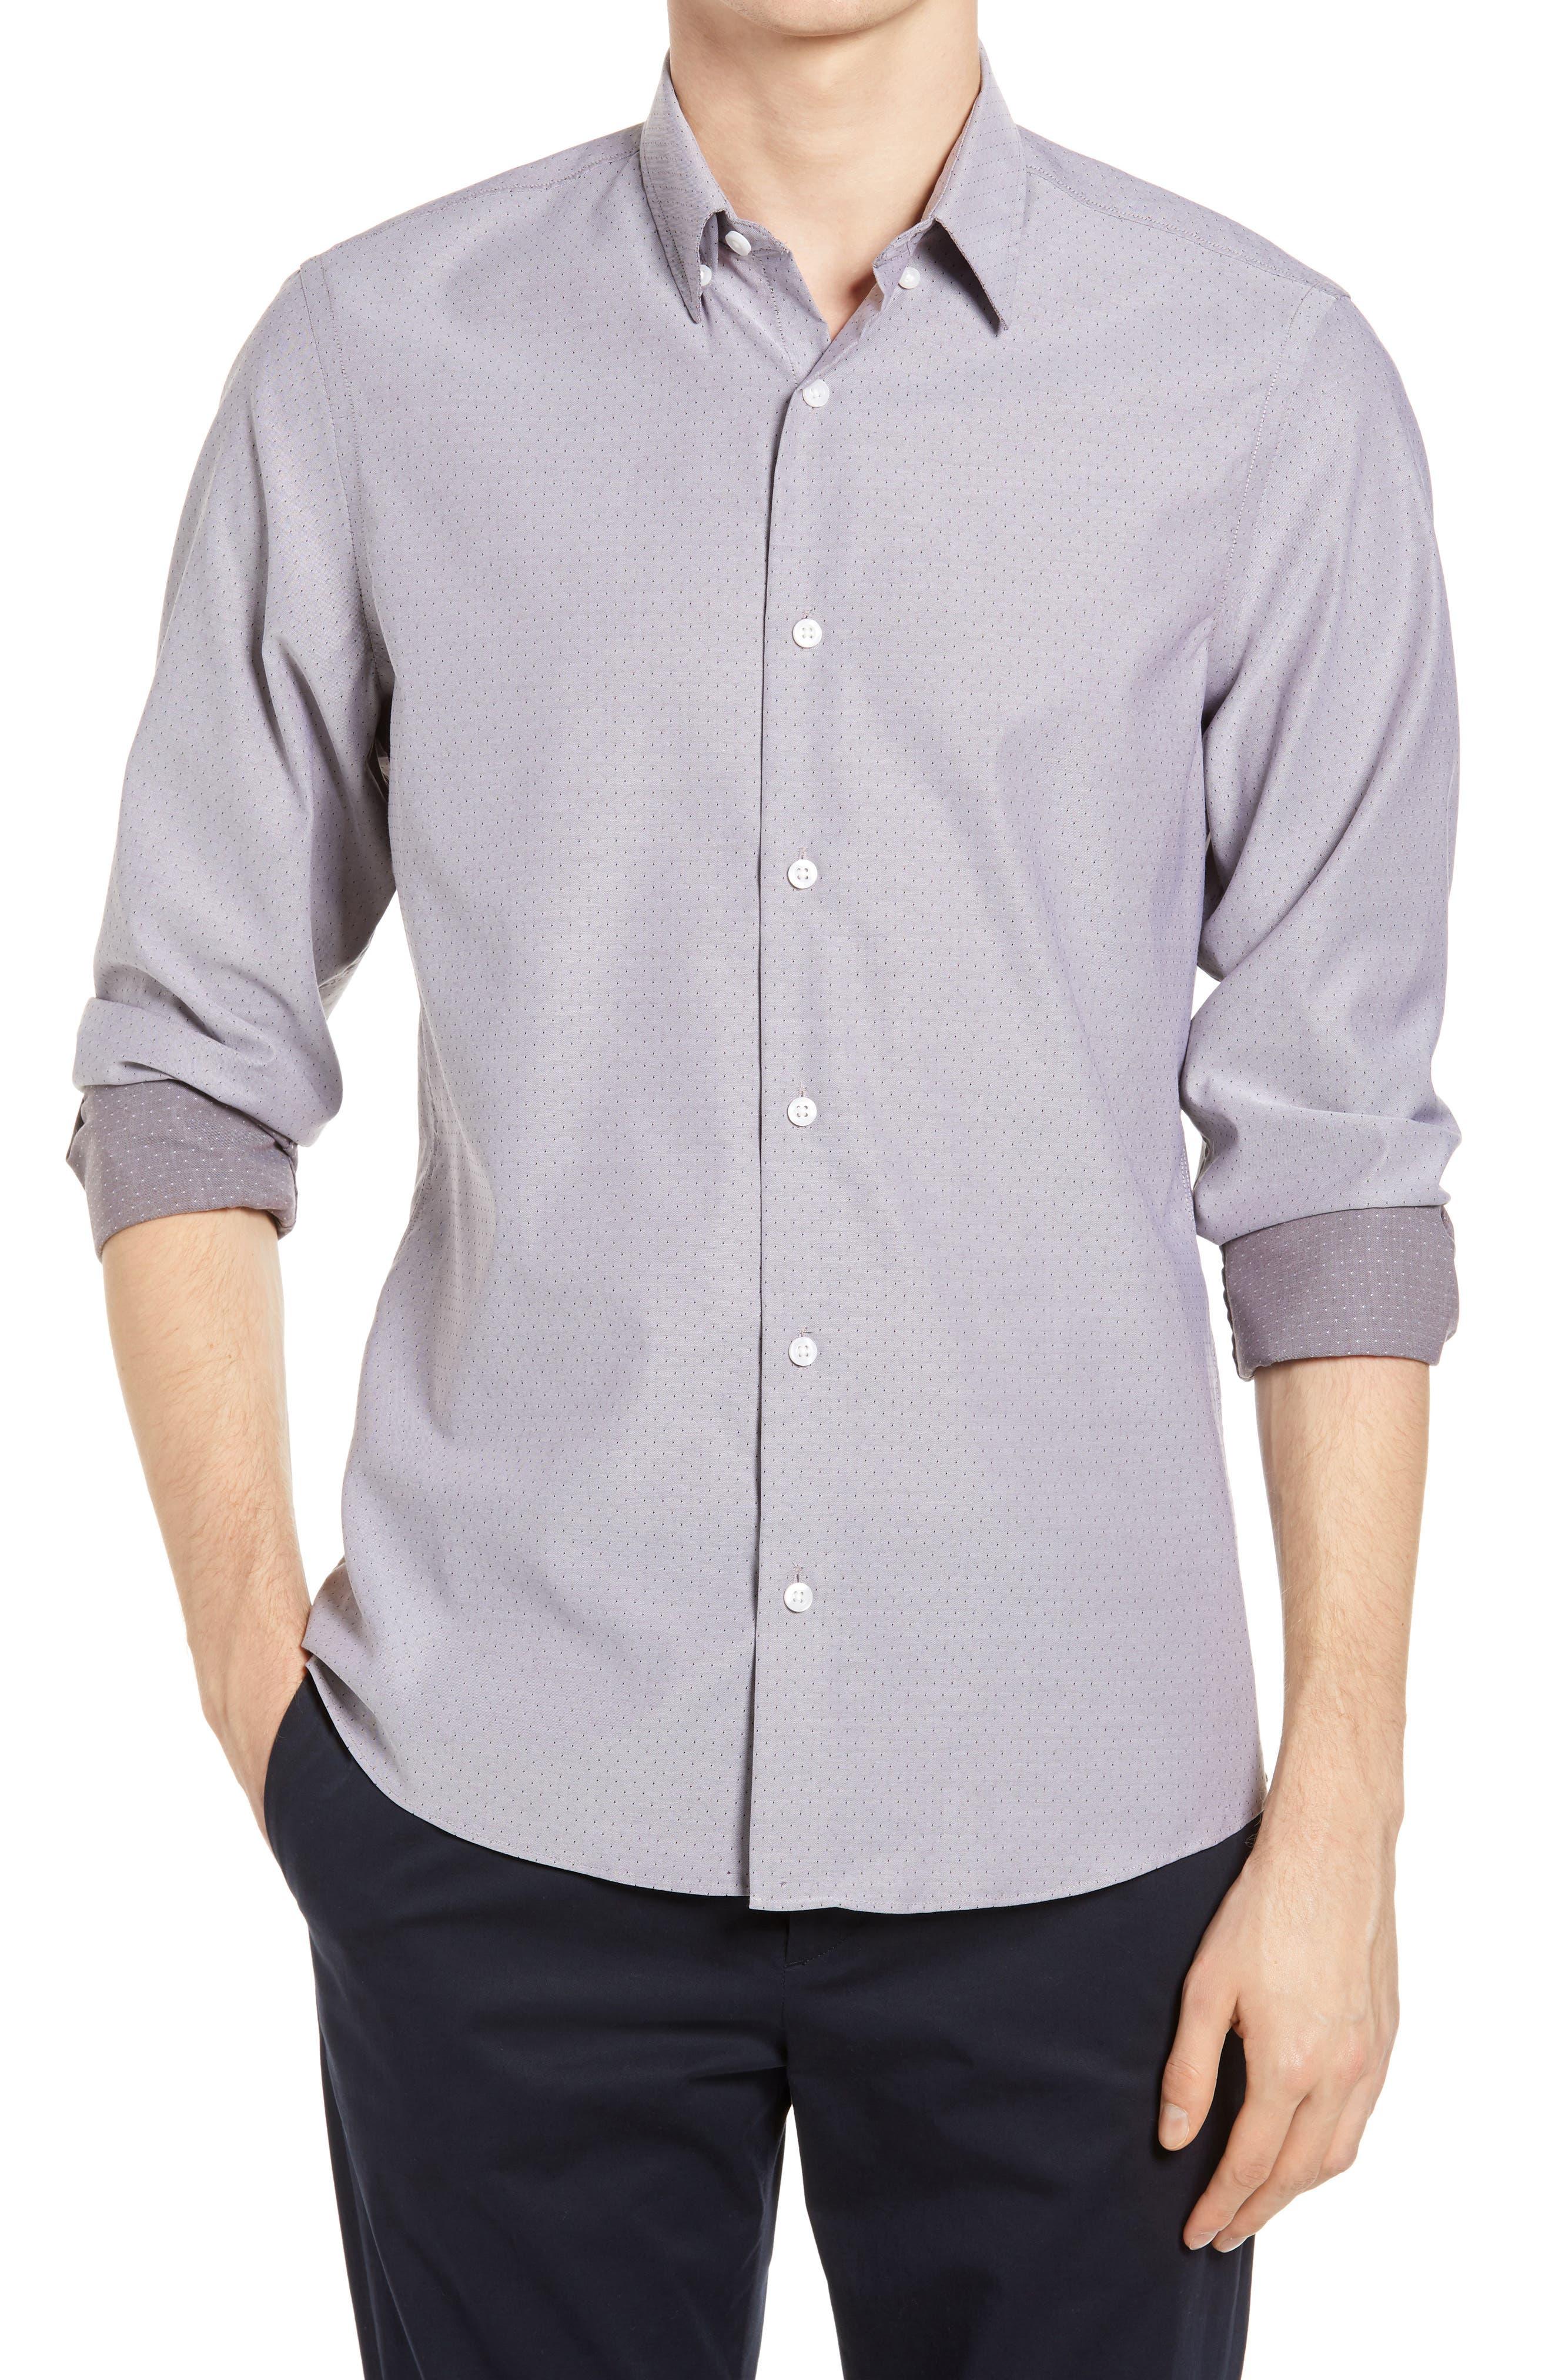 Image of NORDSTROM MEN'S SHOP Men's Shop Tech-Smart Trim Fit Dobby Button-Up Shirt